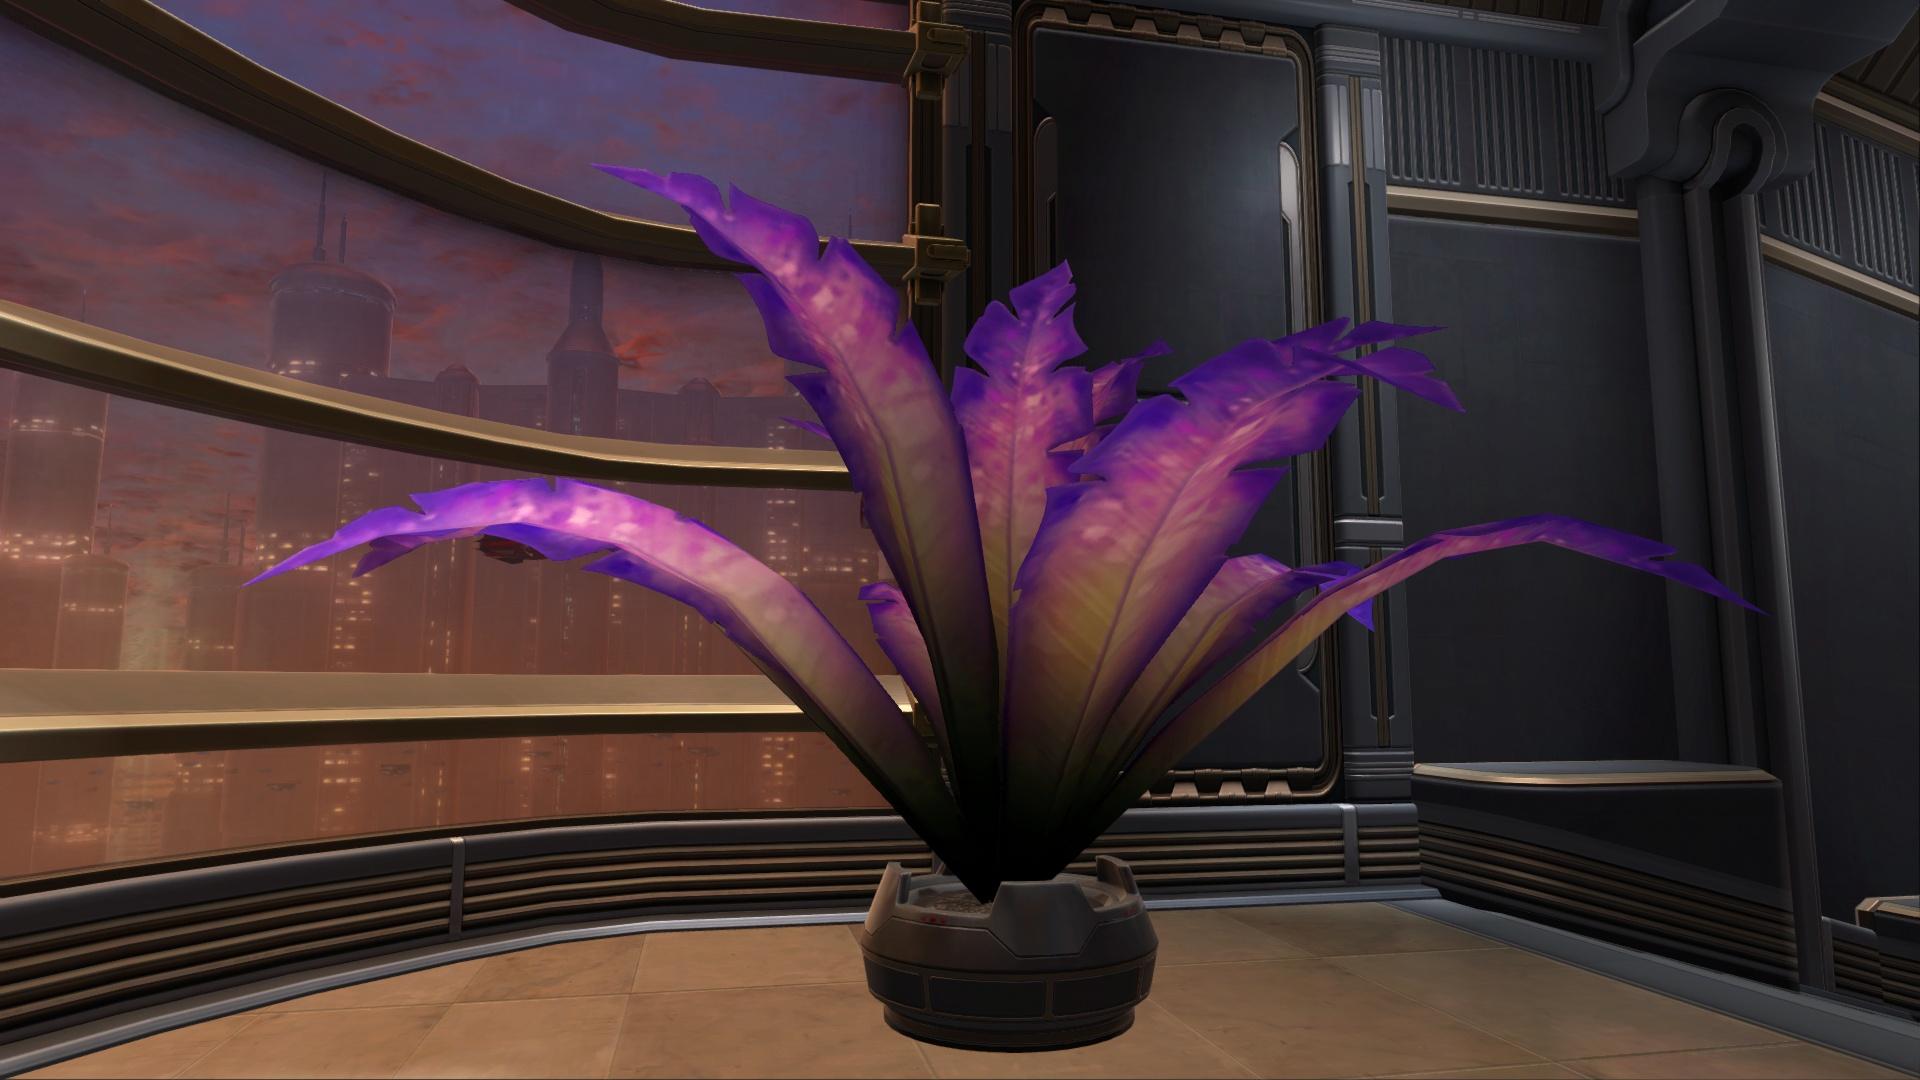 Potted Plant: Violet Fern